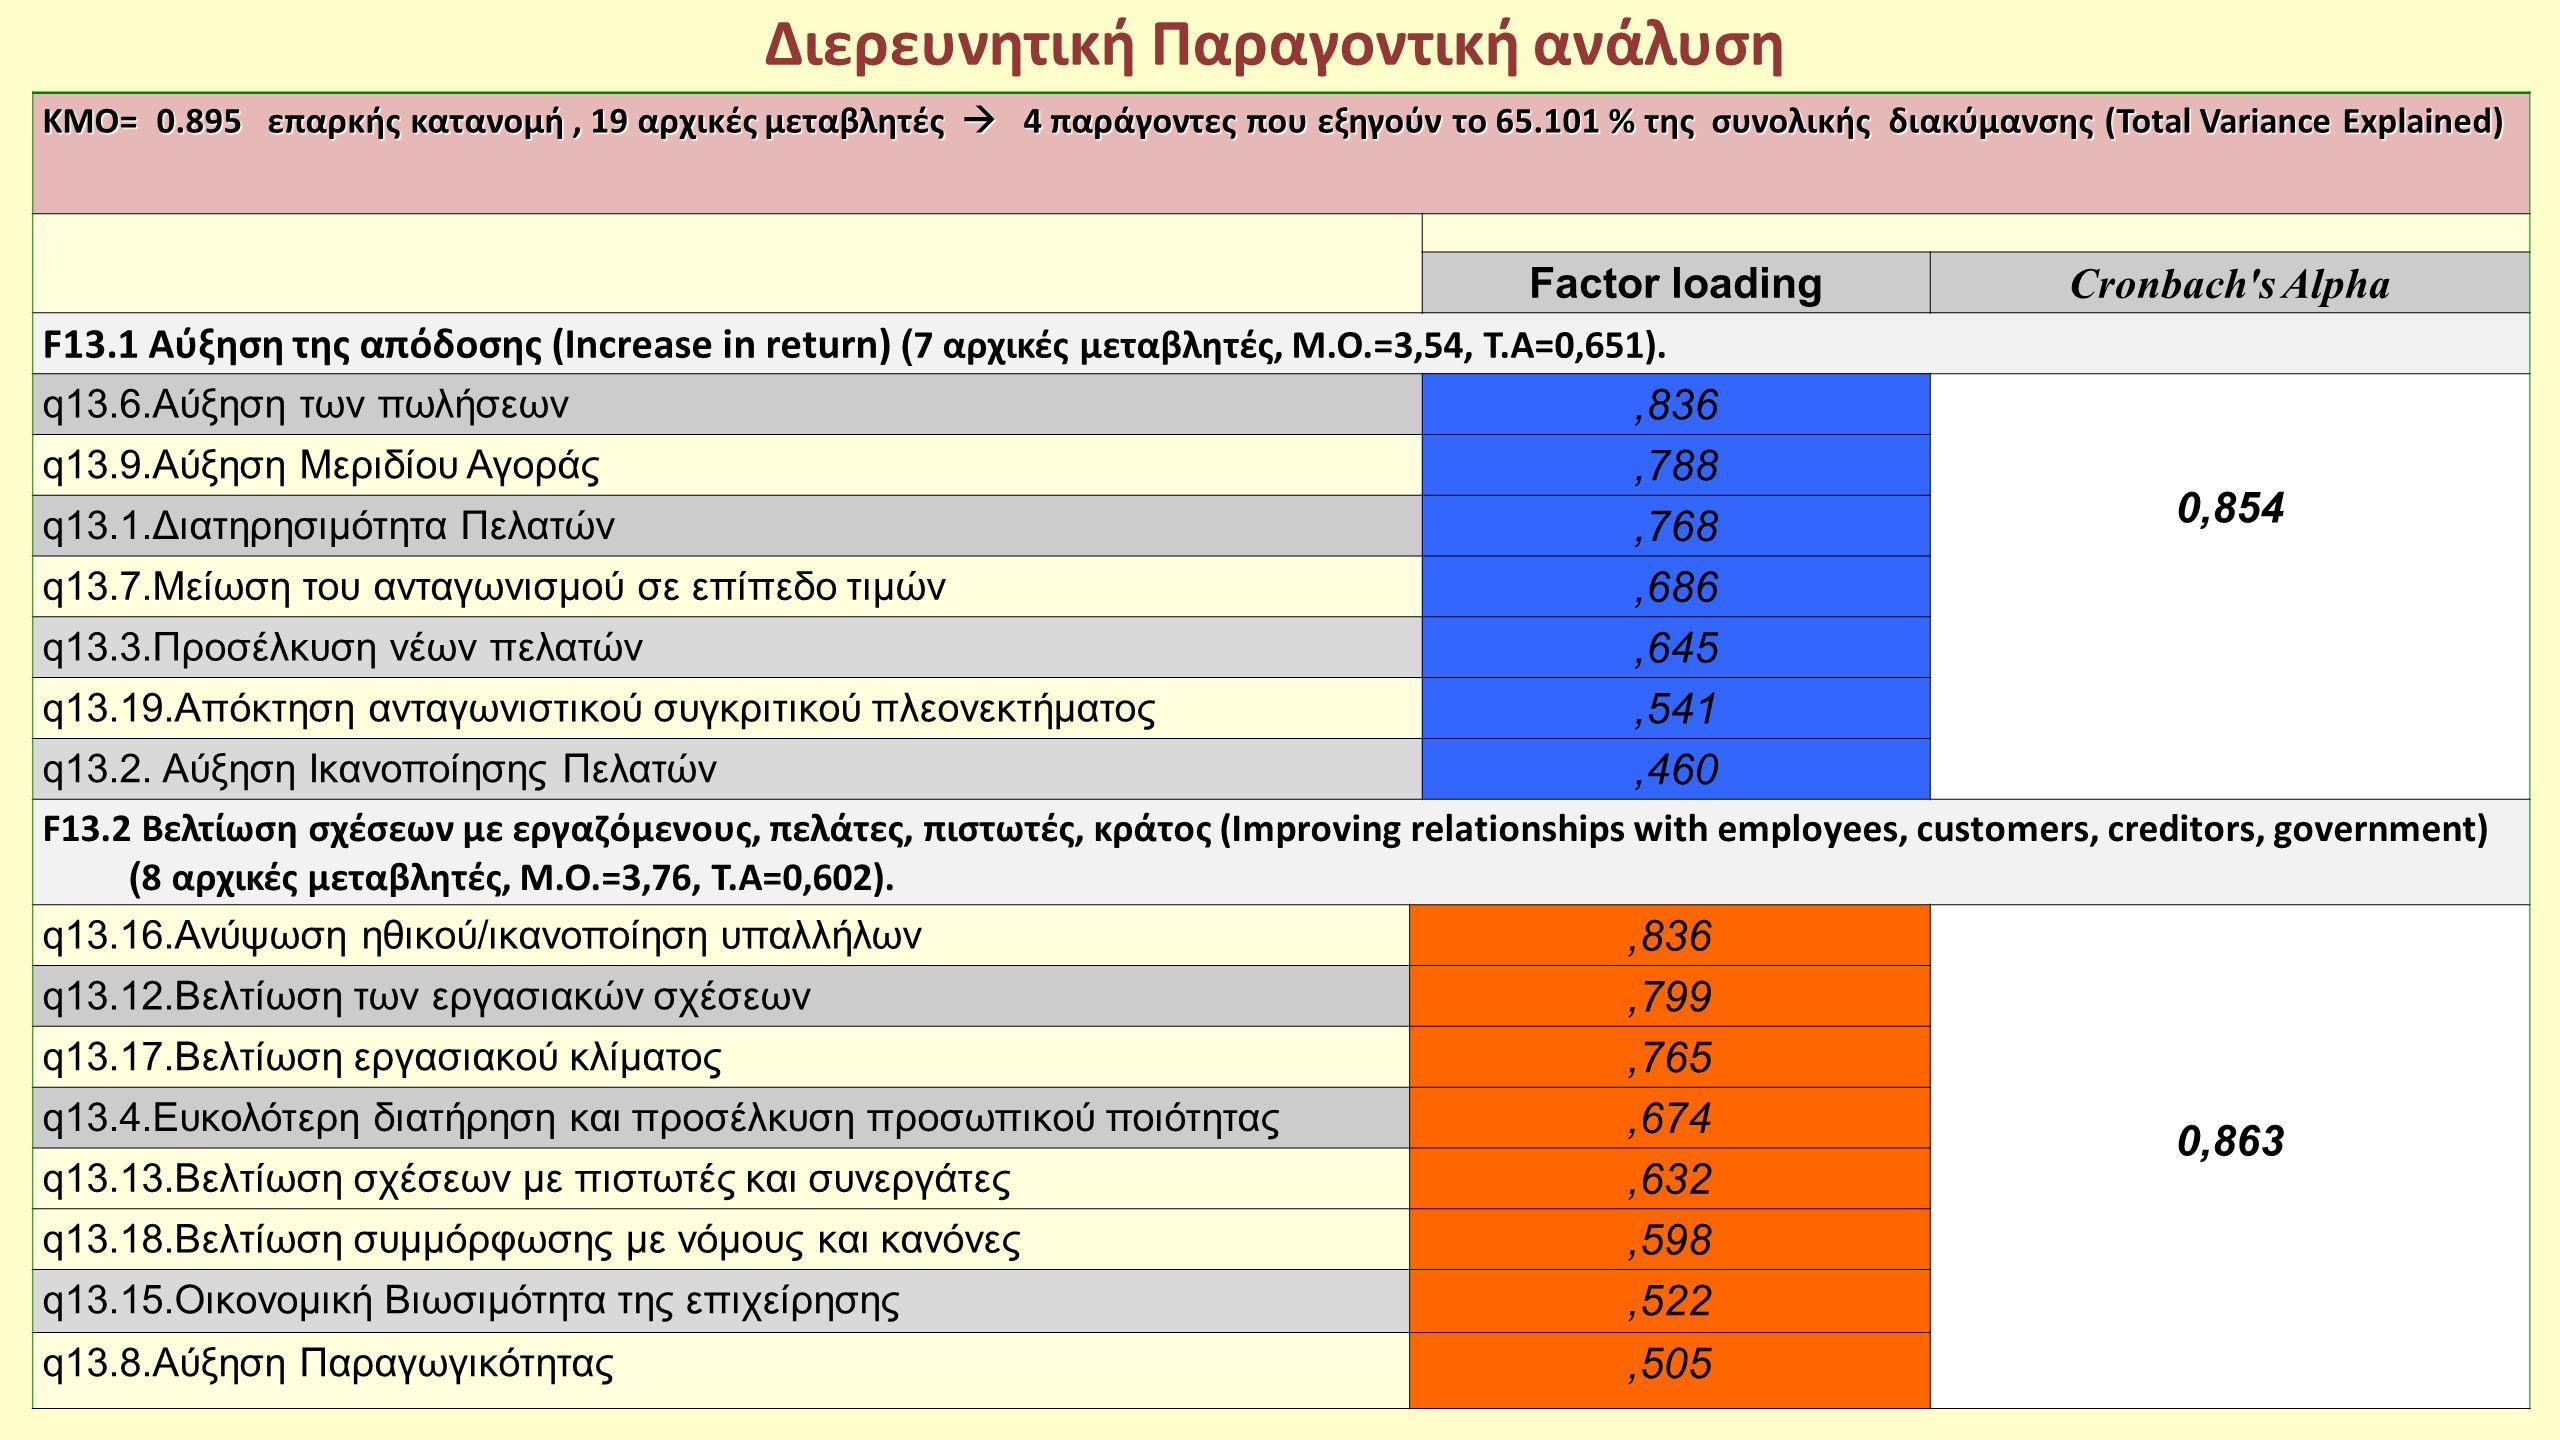 Διερευνητική Παραγοντική ανάλυση ΚΜΟ= 0.895 επαρκής κατανομή, 19 αρχικές μεταβλητές  4 παράγοντες που εξηγούν το 65.101 % της συνολικής διακύμανσης (